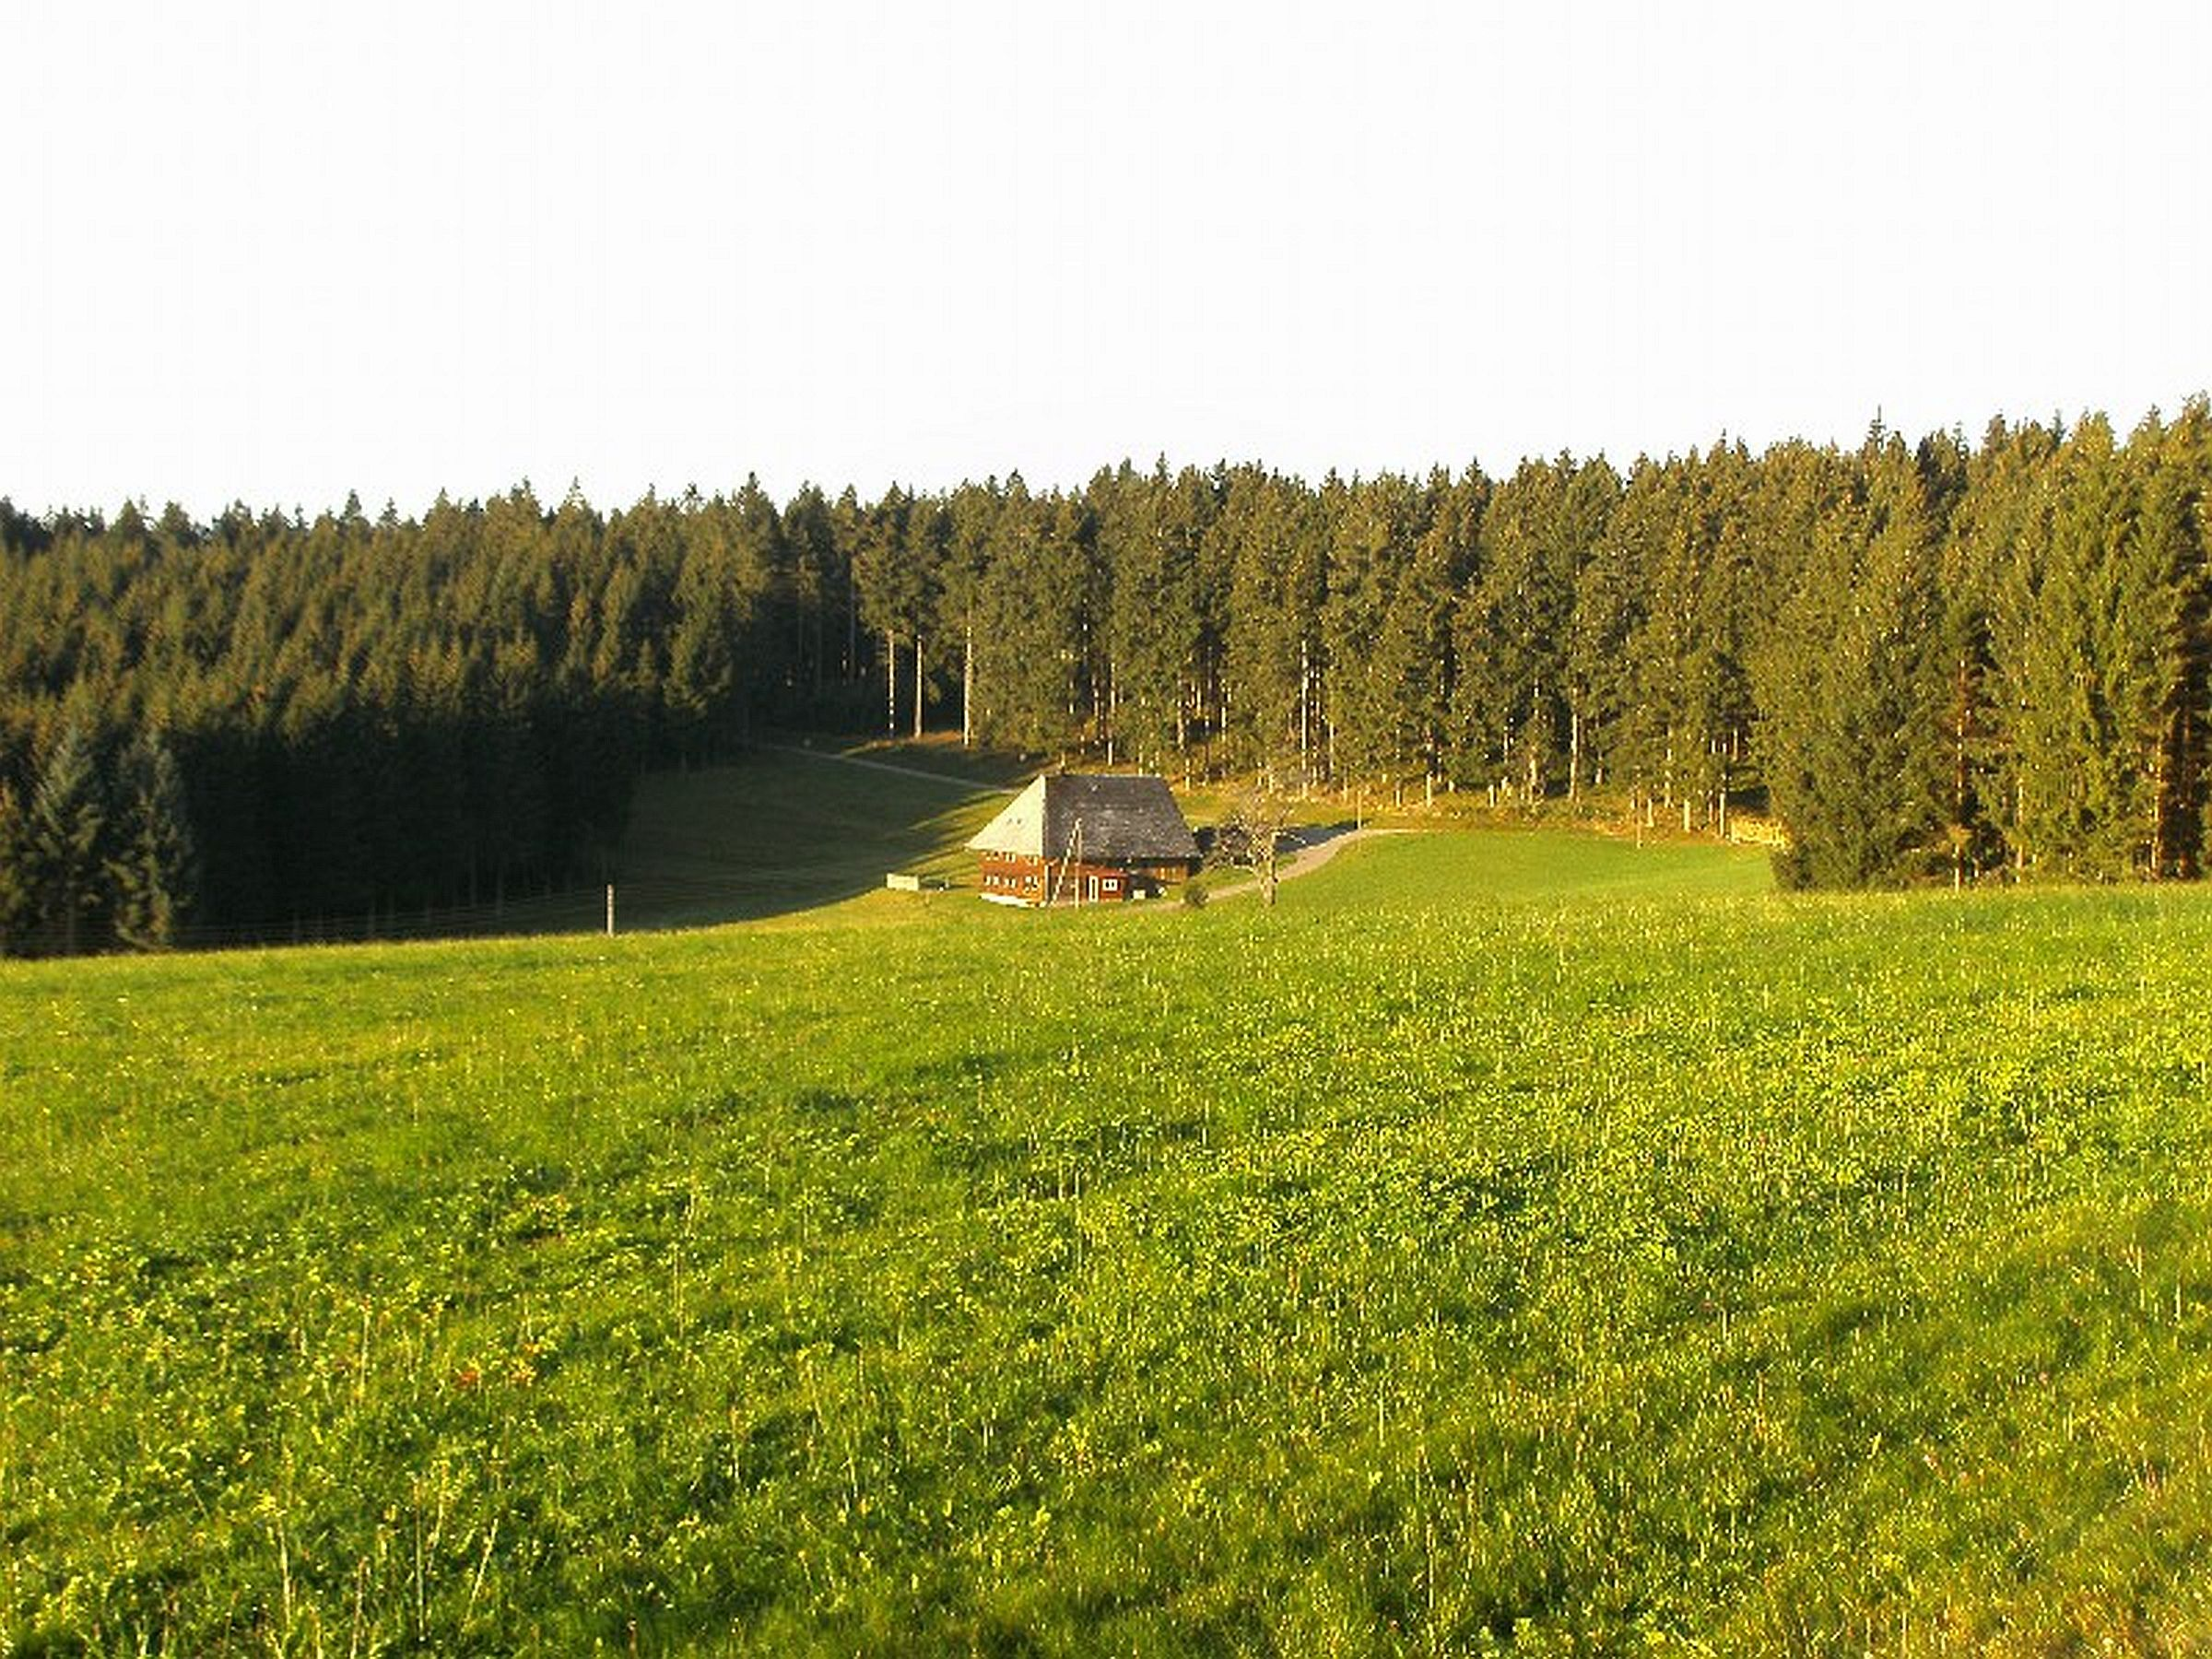 Ferienwohnung Haus Brunhilde App 3 - Sänger, (Schönwald). Nichtraucher-Ferienwohnung 44qm, 1 Schlafraum, (605139), Schönwald, Schwarzwald, Baden-Württemberg, Deutschland, Bild 5